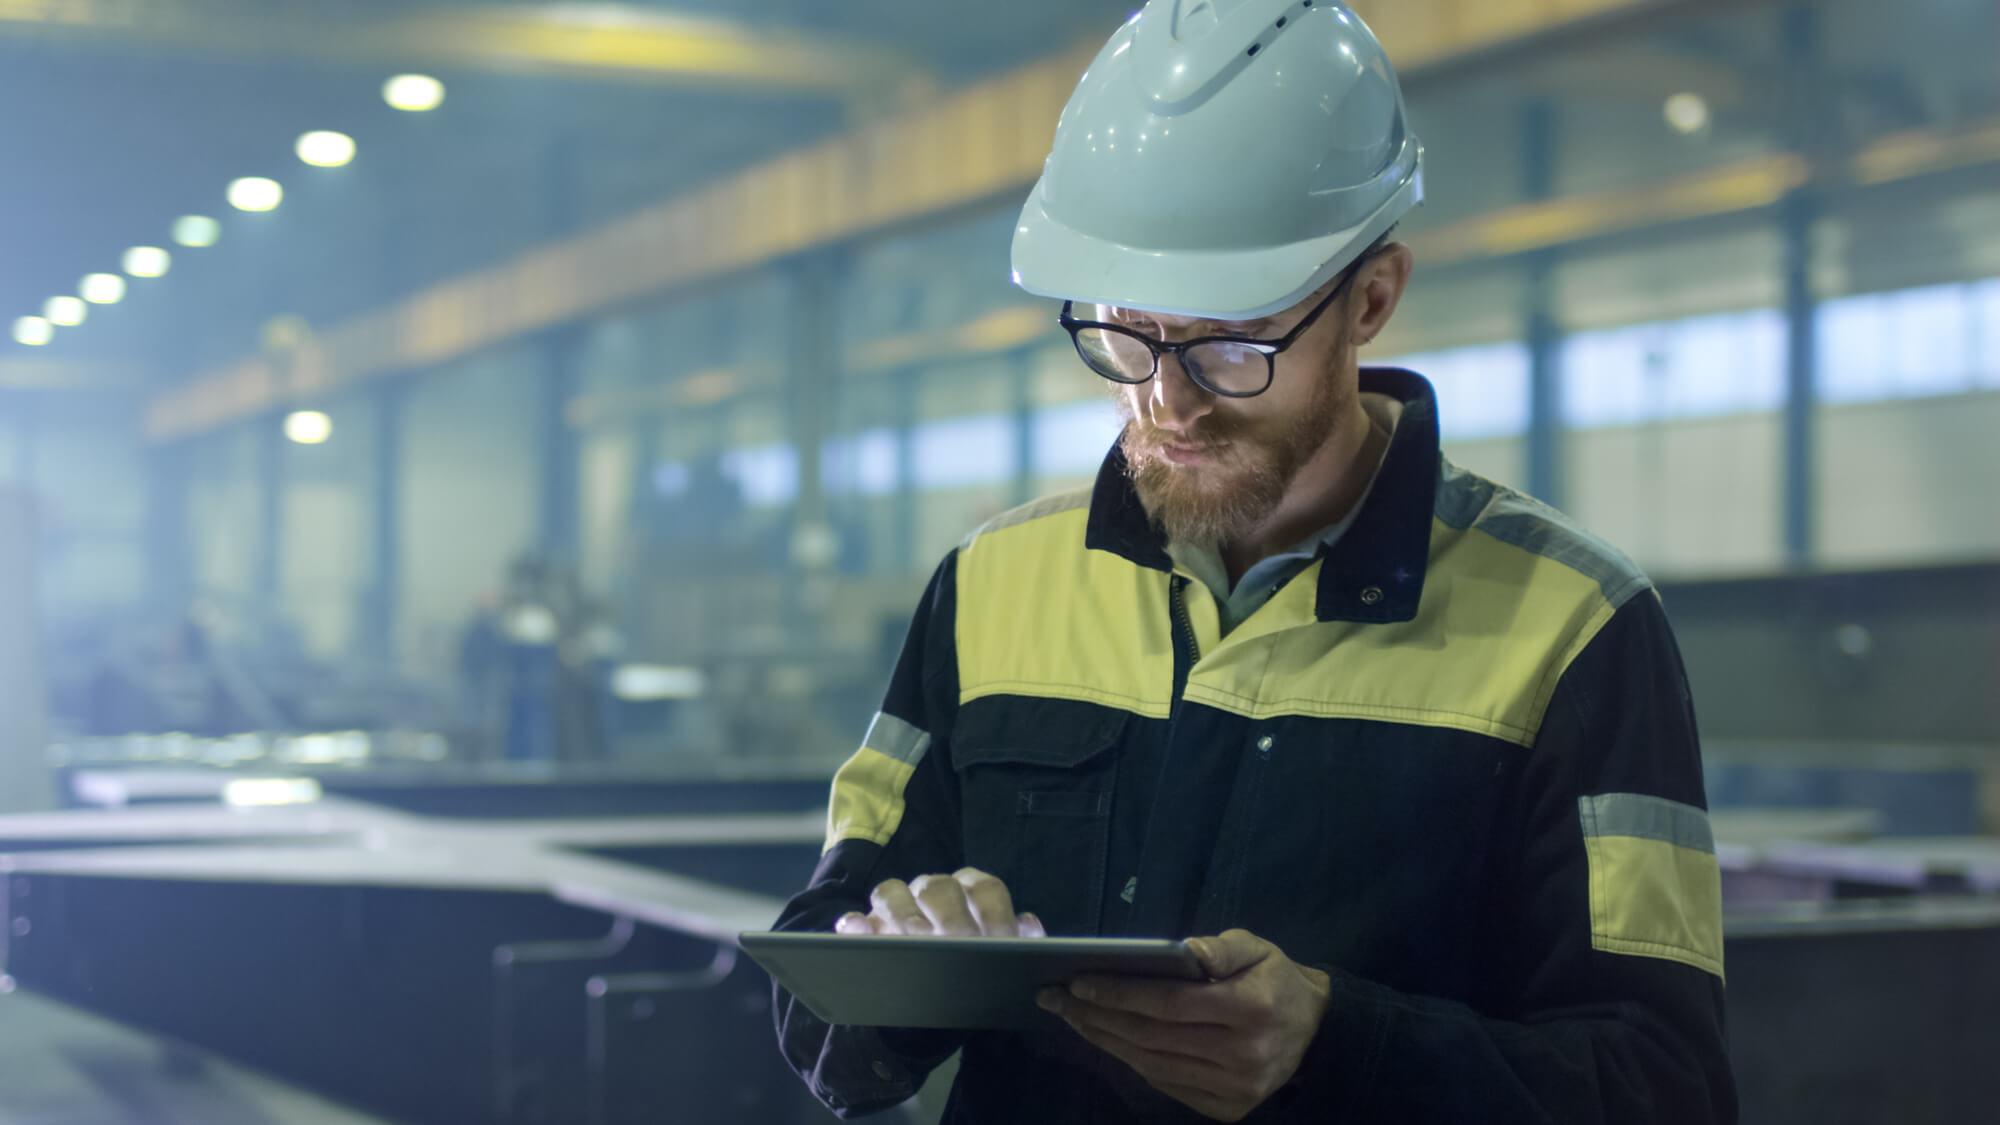 11 ferramentas de lean manufacturing para avaliar a produção da sua empresa